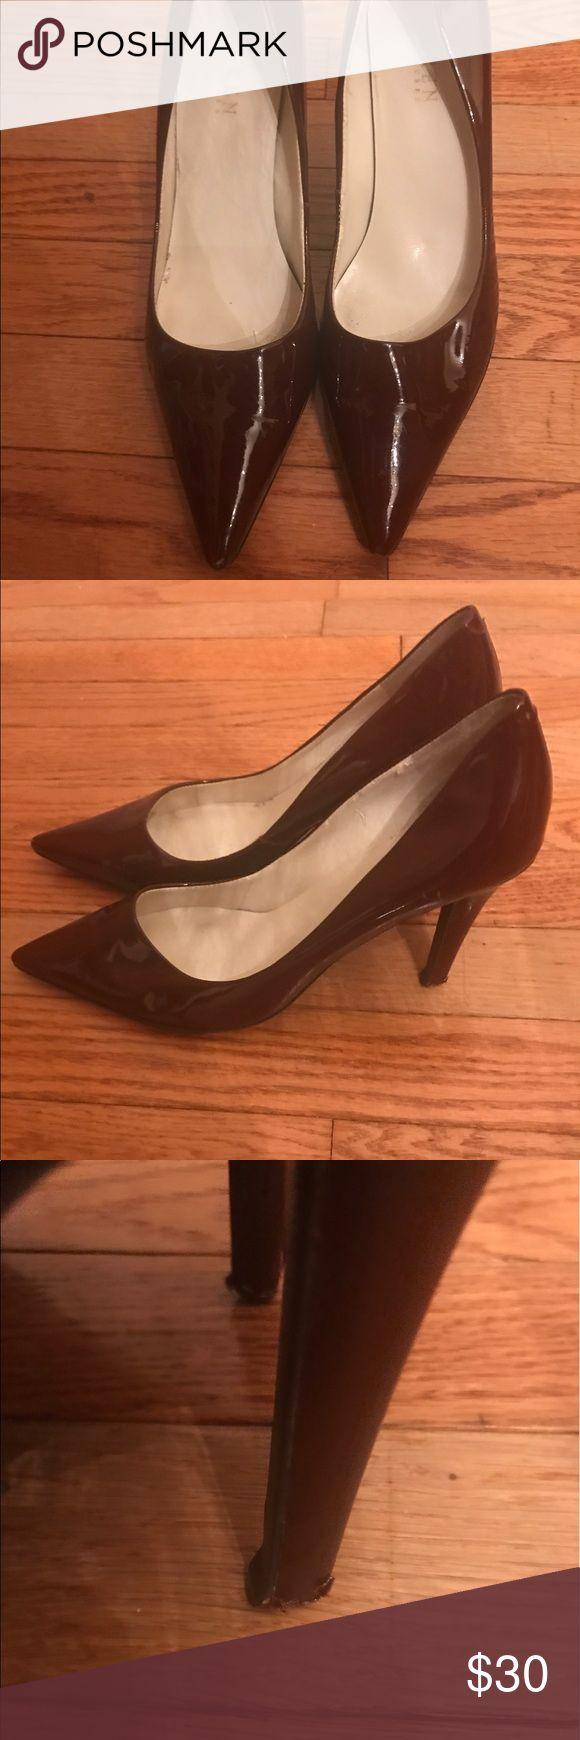 Ralph Lauren Patent Leather Burgundy Heels Beautiful Burgundy Patent Leather Ralph Lauren Heels (Size 8) Lauren Ralph Lauren Shoes Heels